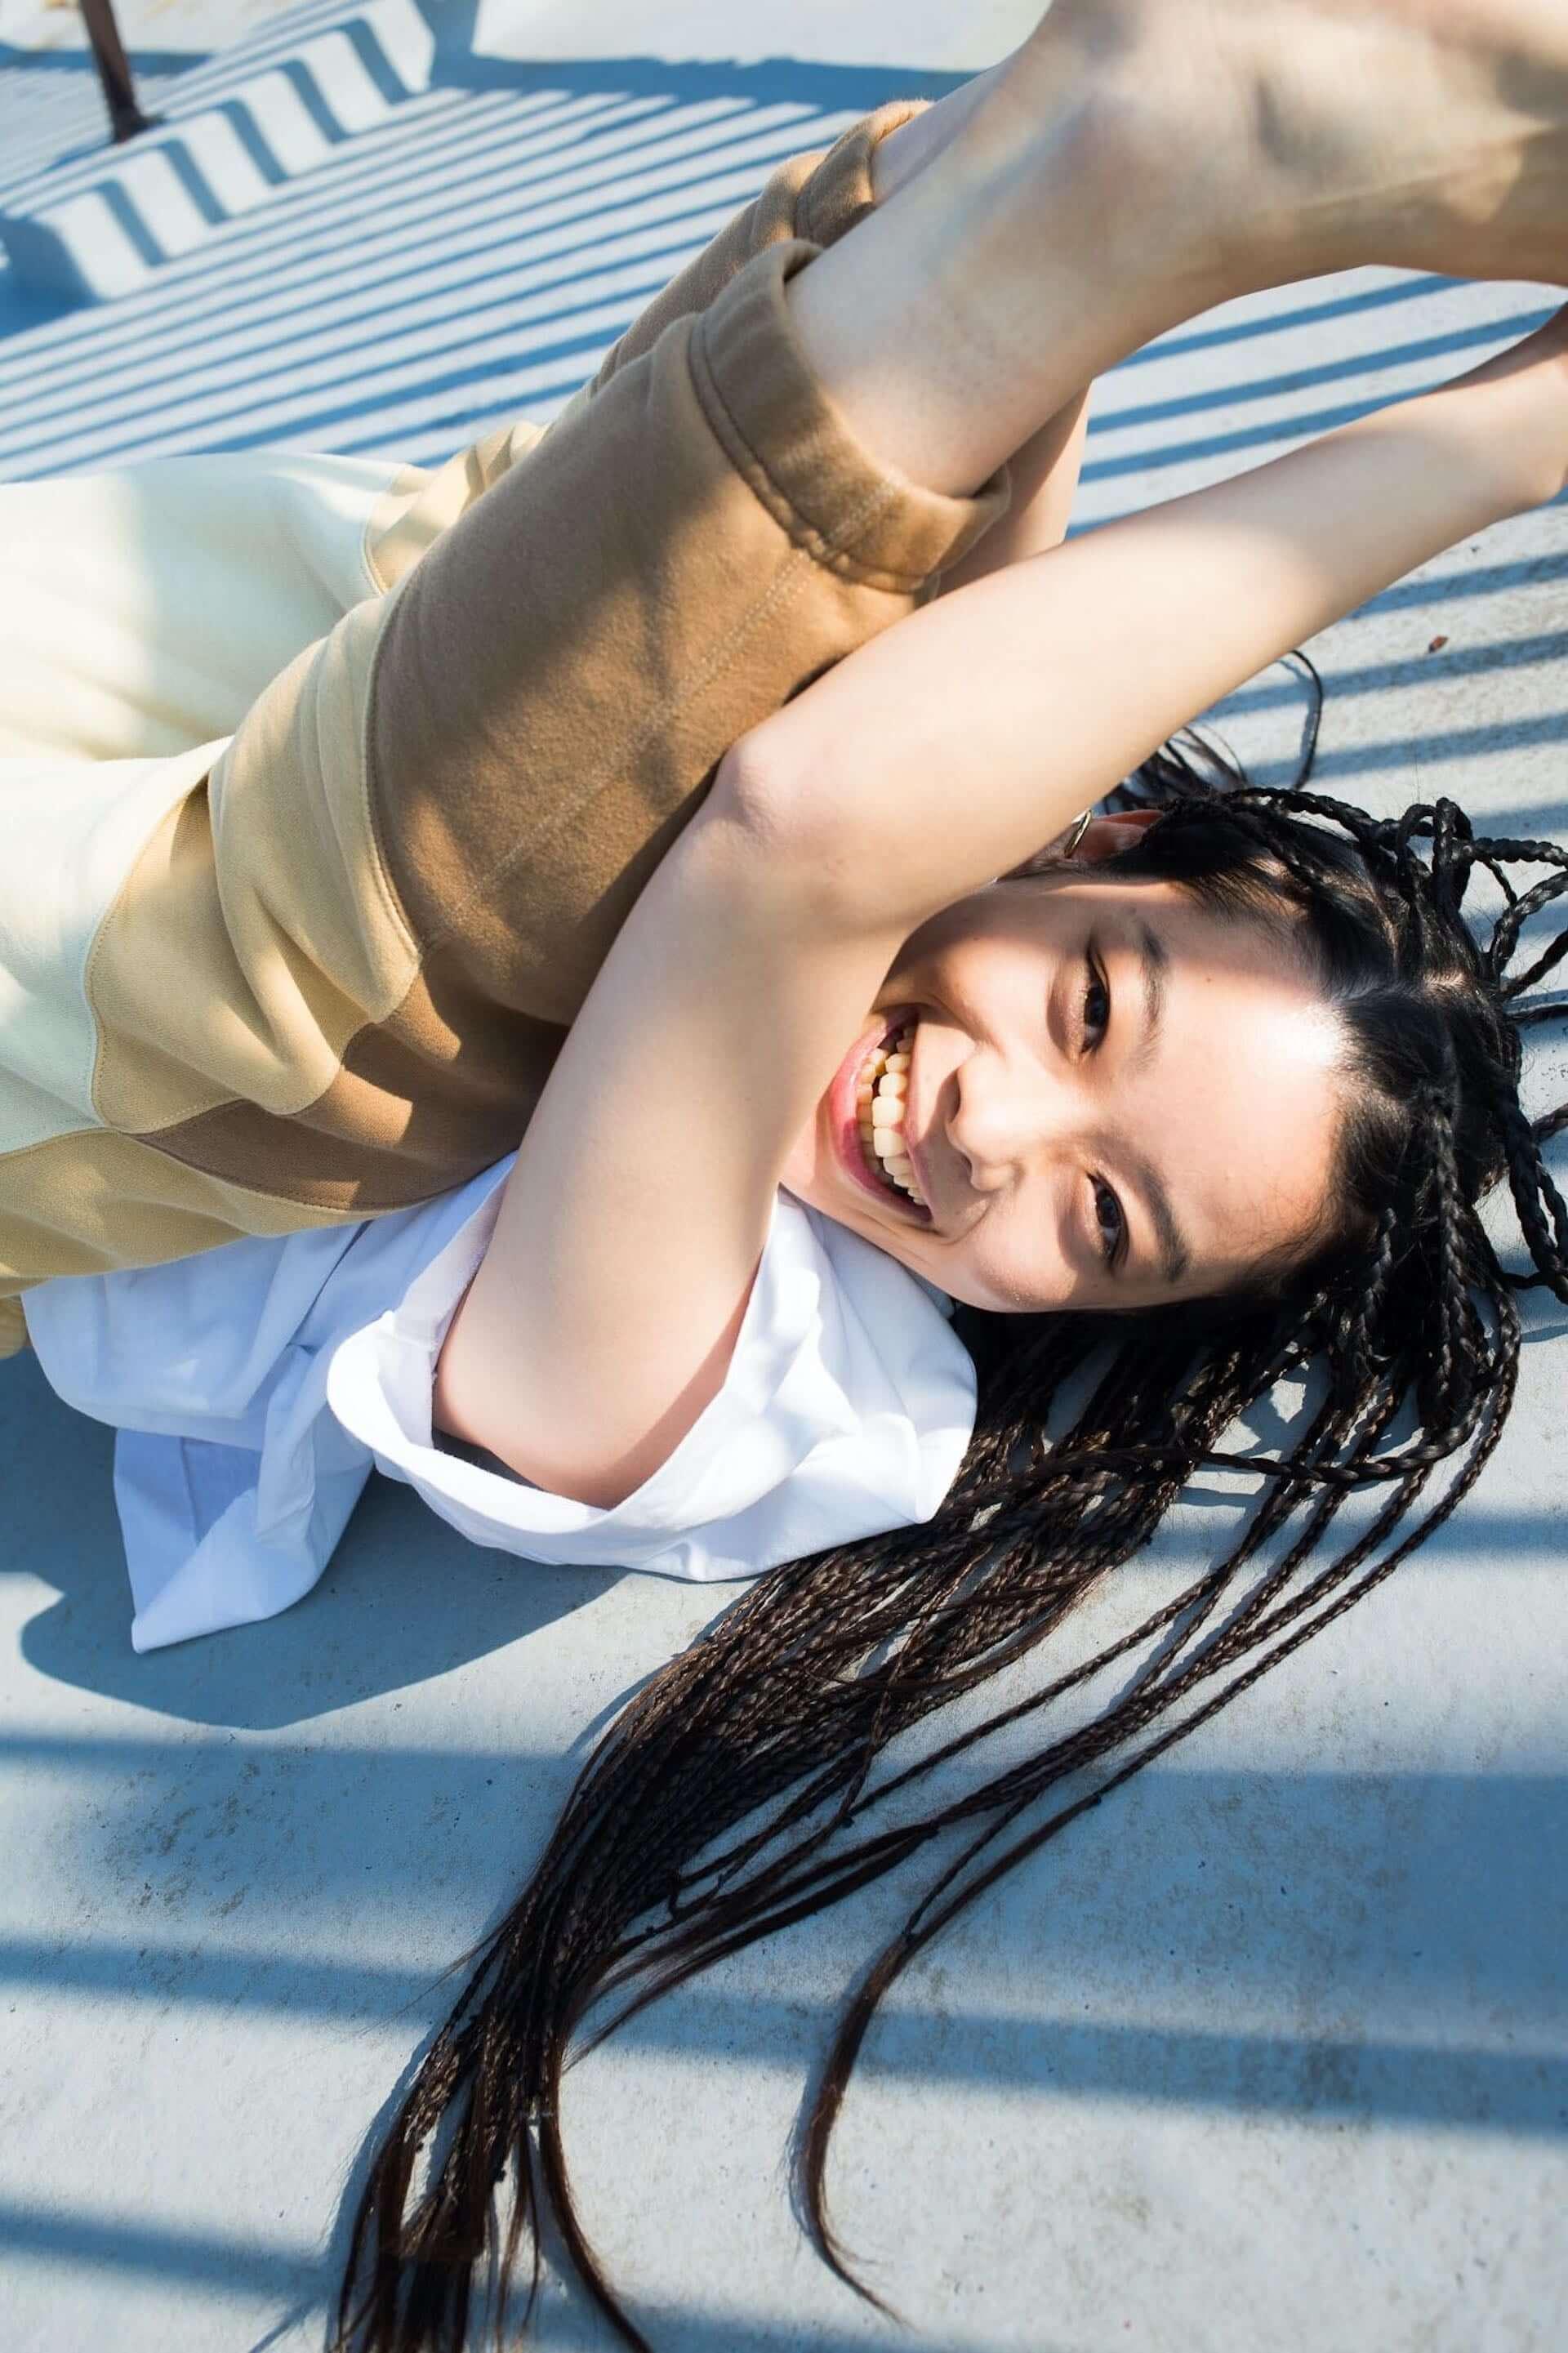 クワハラヨシユキ初の個展<HUMAN POP>が渋谷WOMB・barWで開催決定!xiangyu、Kenmochi Hidefumiら出演の連動ライブも実施 art200806_yoshiyuki-kuwahara_5-1920x2881